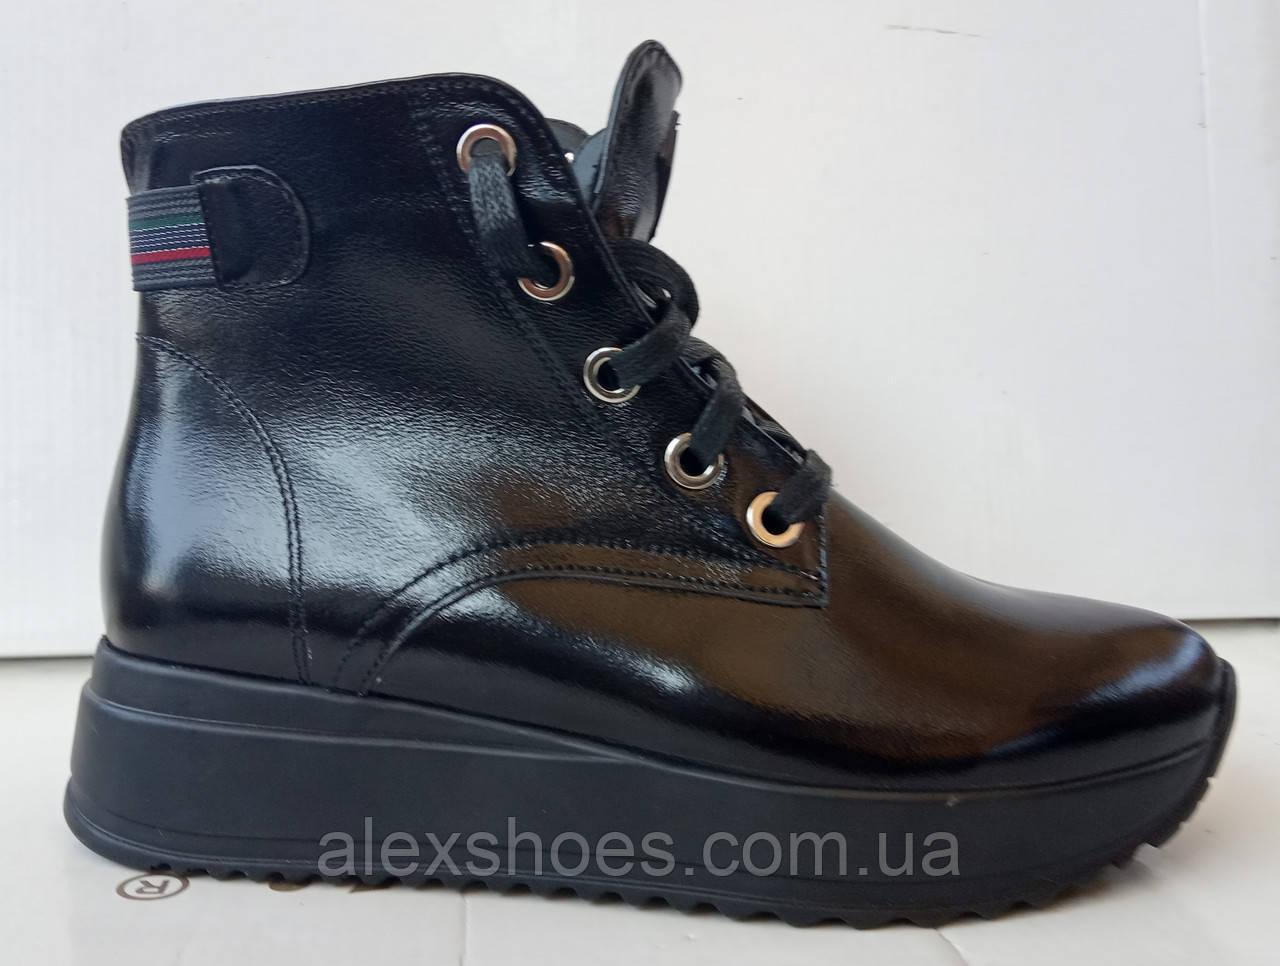 Ботинки демисезонные на толстой подошве из натуральной кожи от производителя модель ДИС520